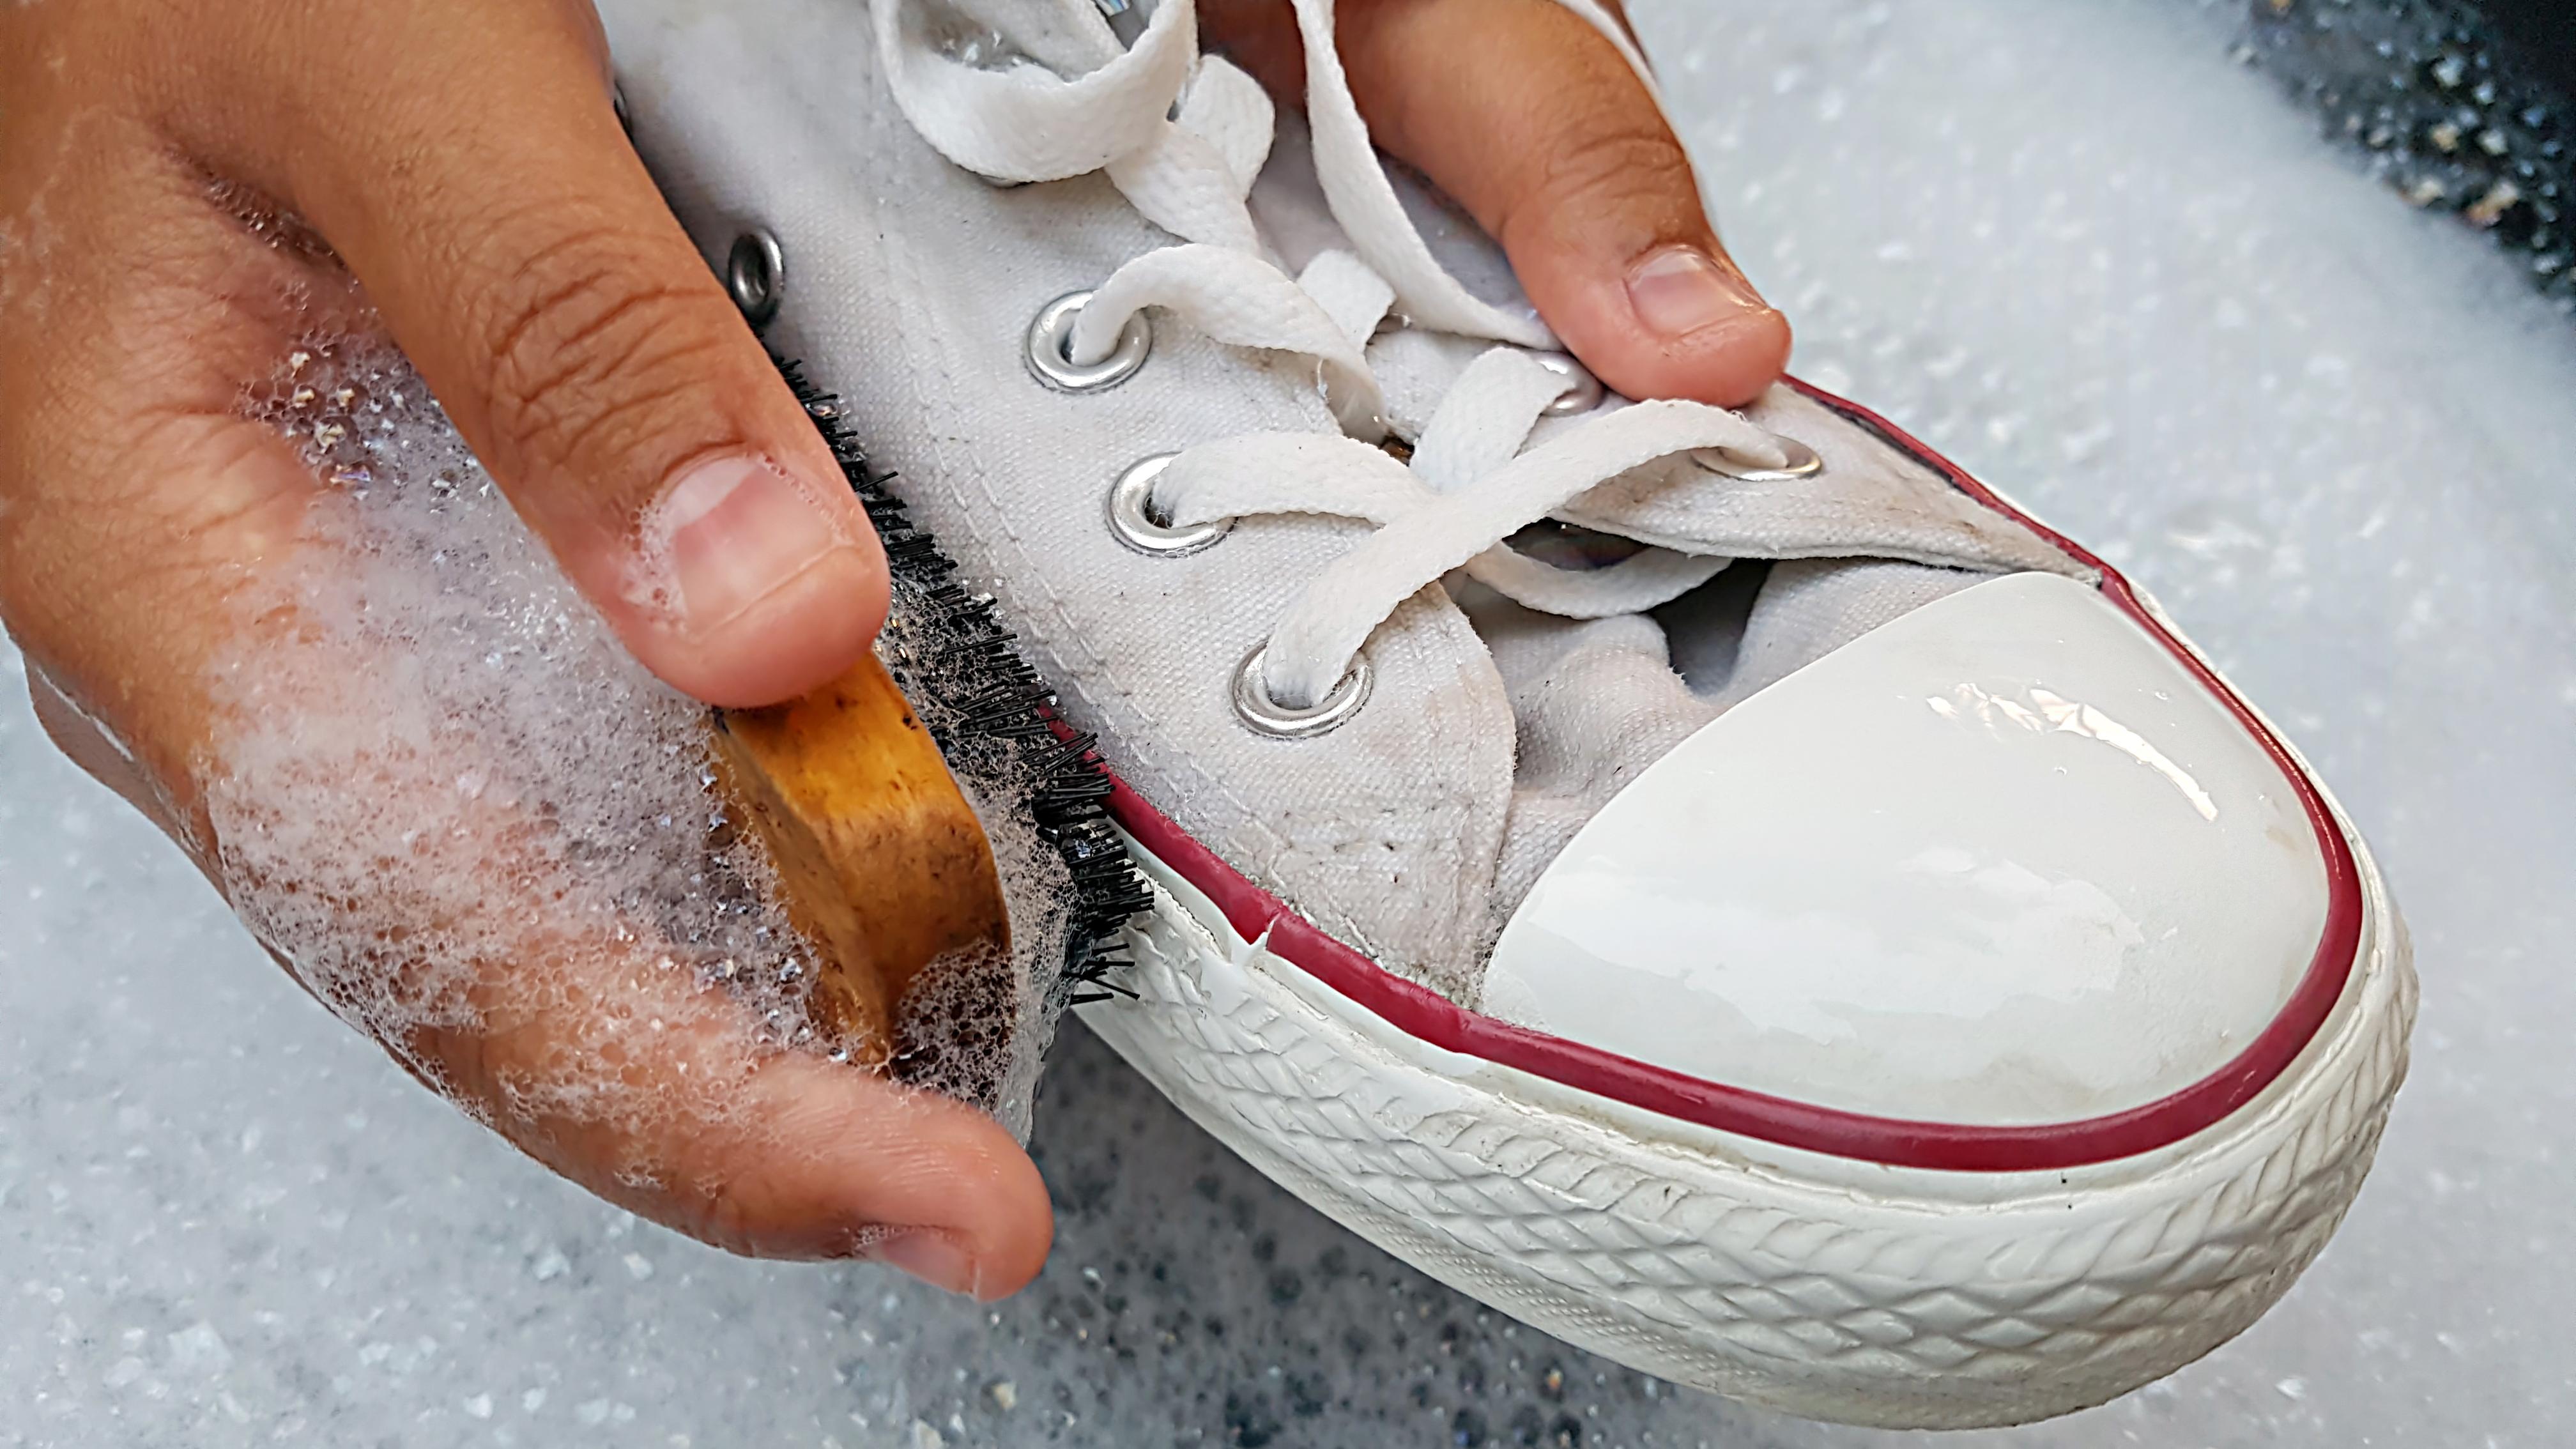 Jak Wyczyscic Biale Buty Skuteczne Sposoby Pasta Do Zebow Wybielacz Dom